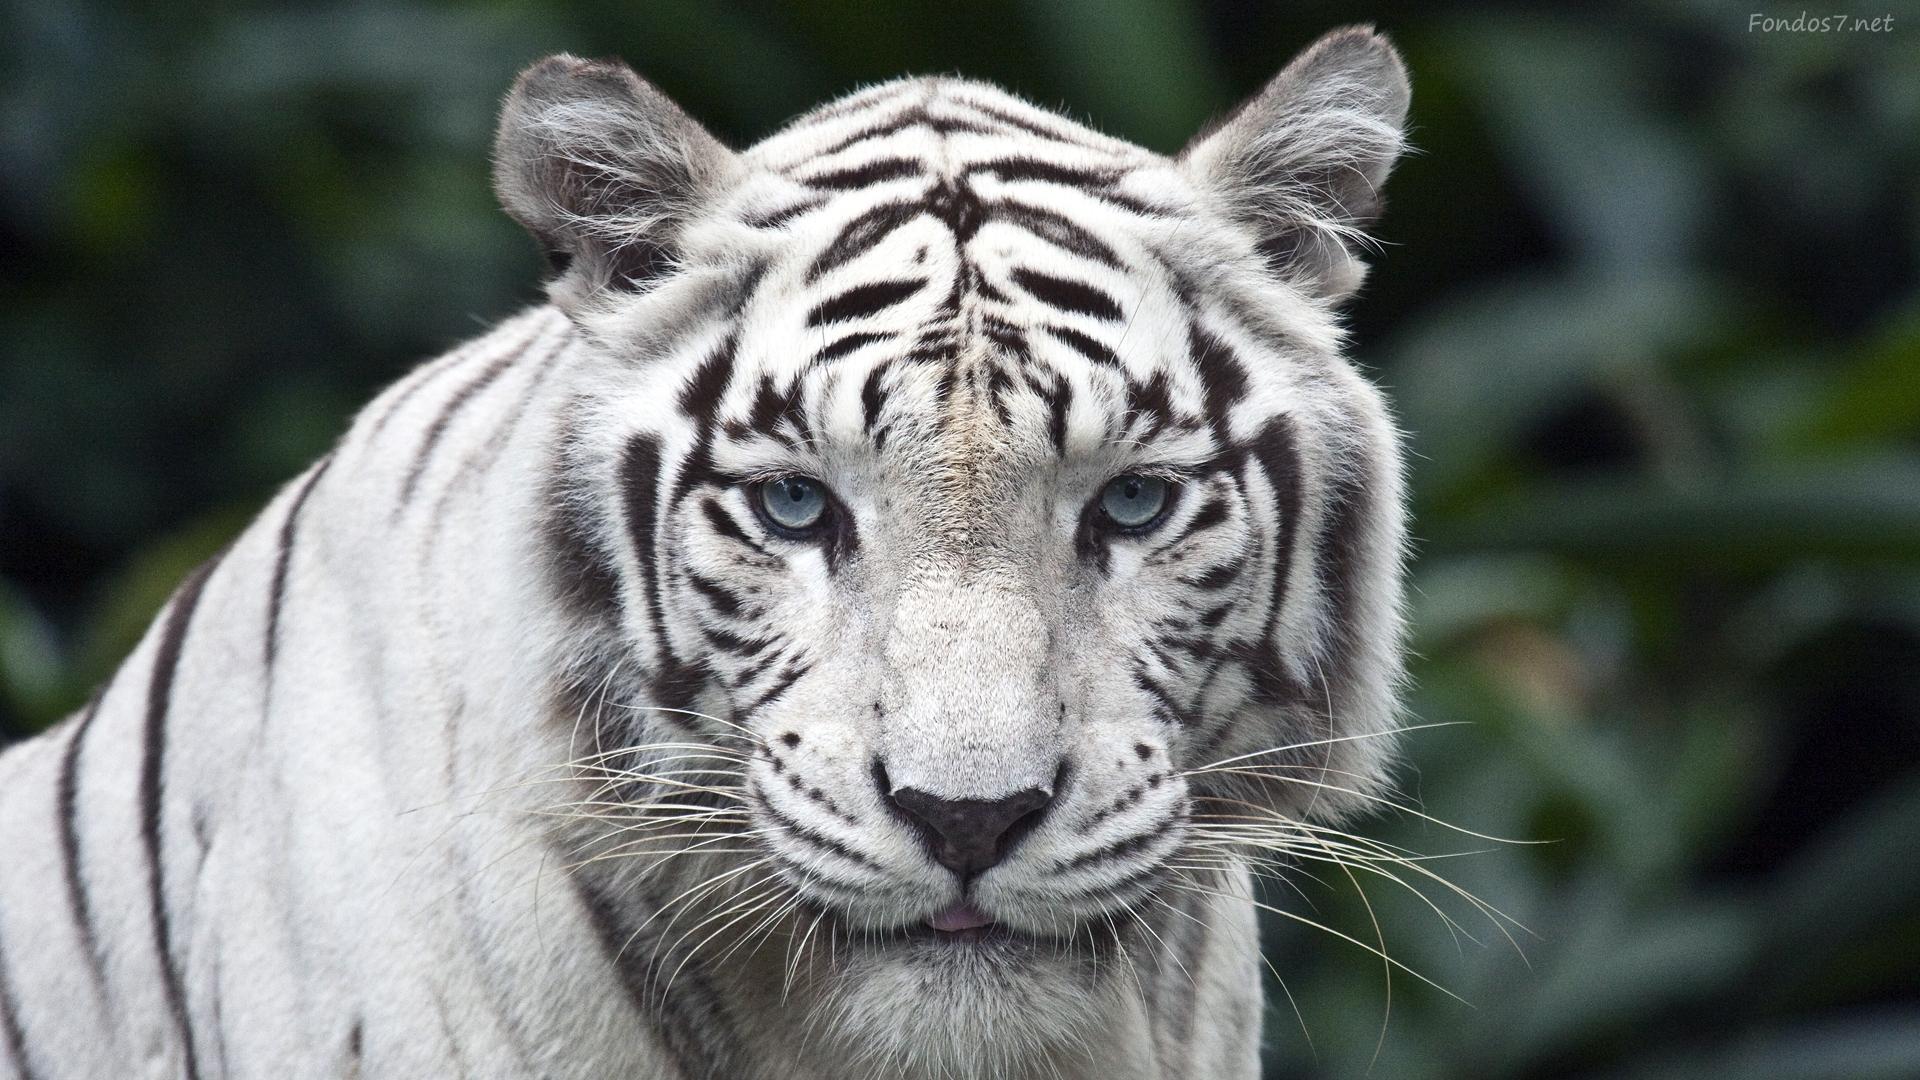 tigres-blanco-26167